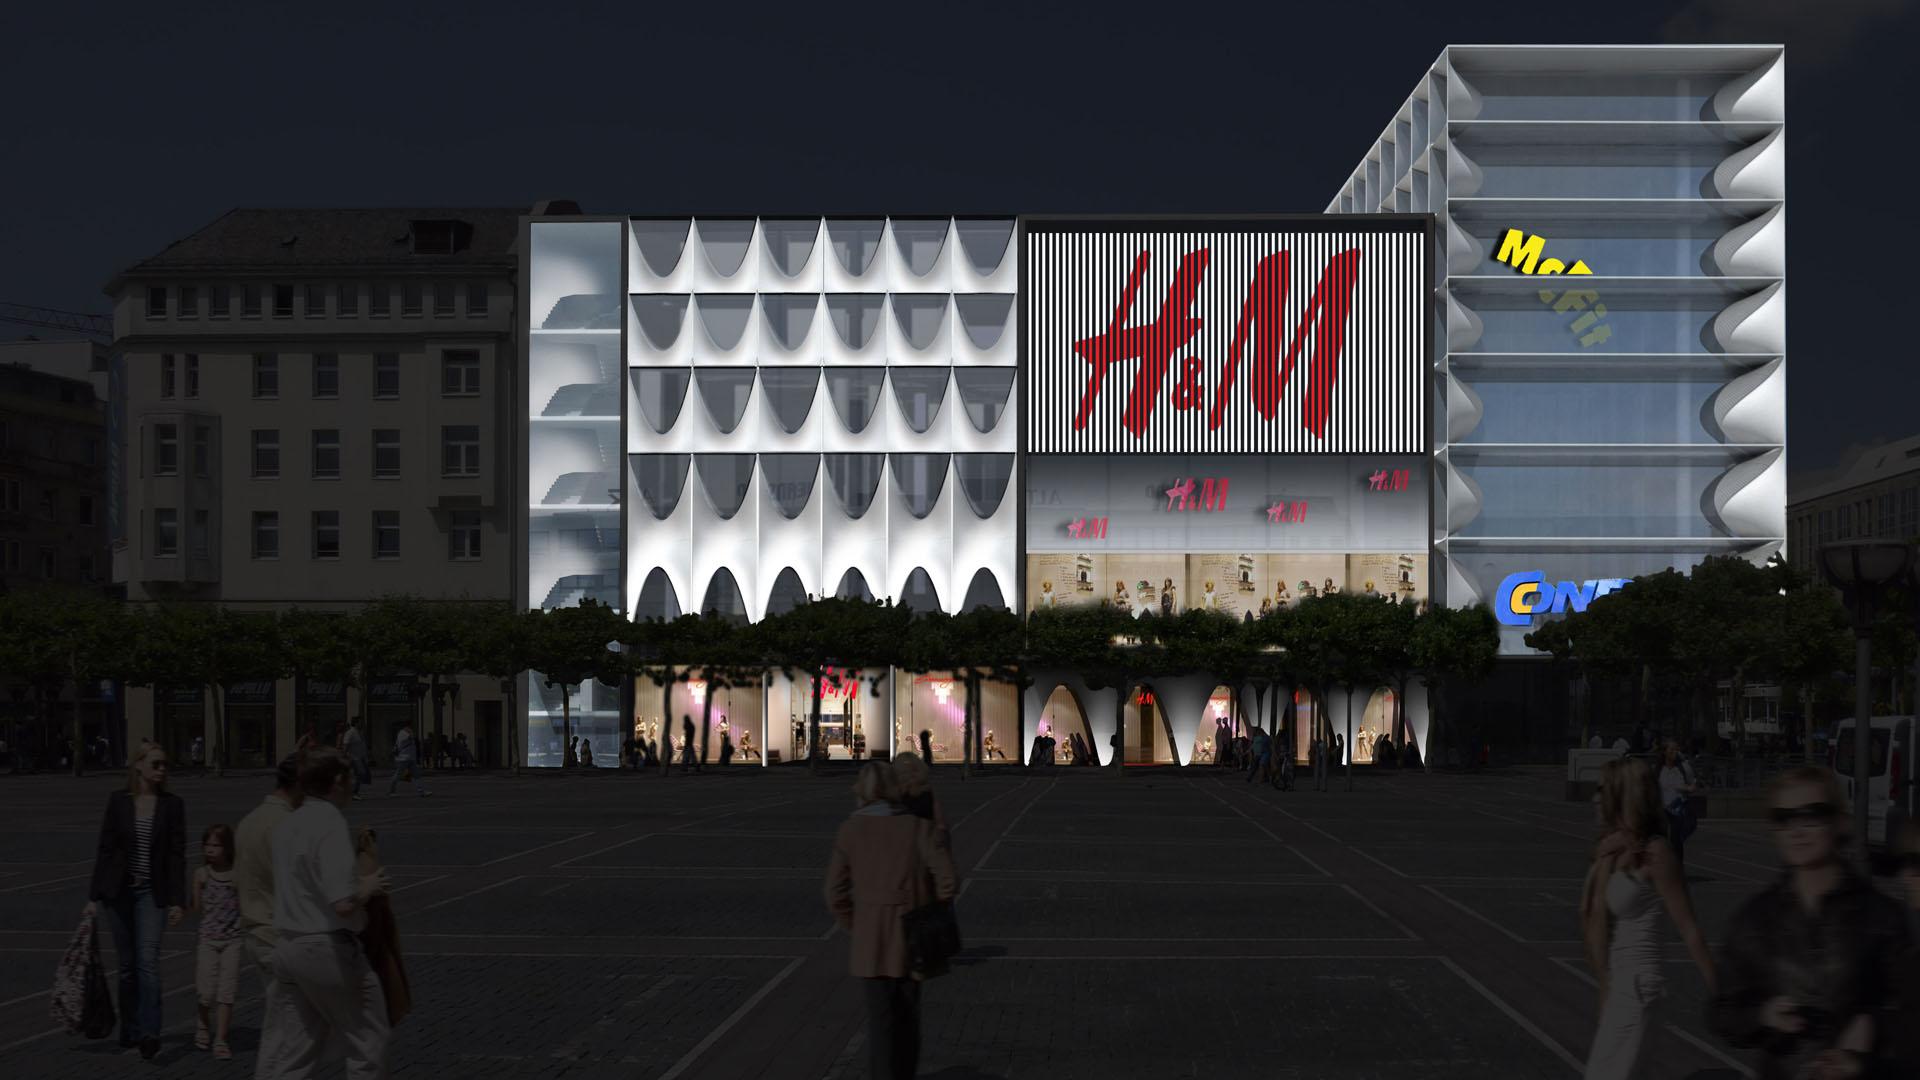 MAASS-Lichtplanung_Fassadenbeleuchtungskonzept für Frankfurter Geschäftshaus__MAASS-Zeil-001